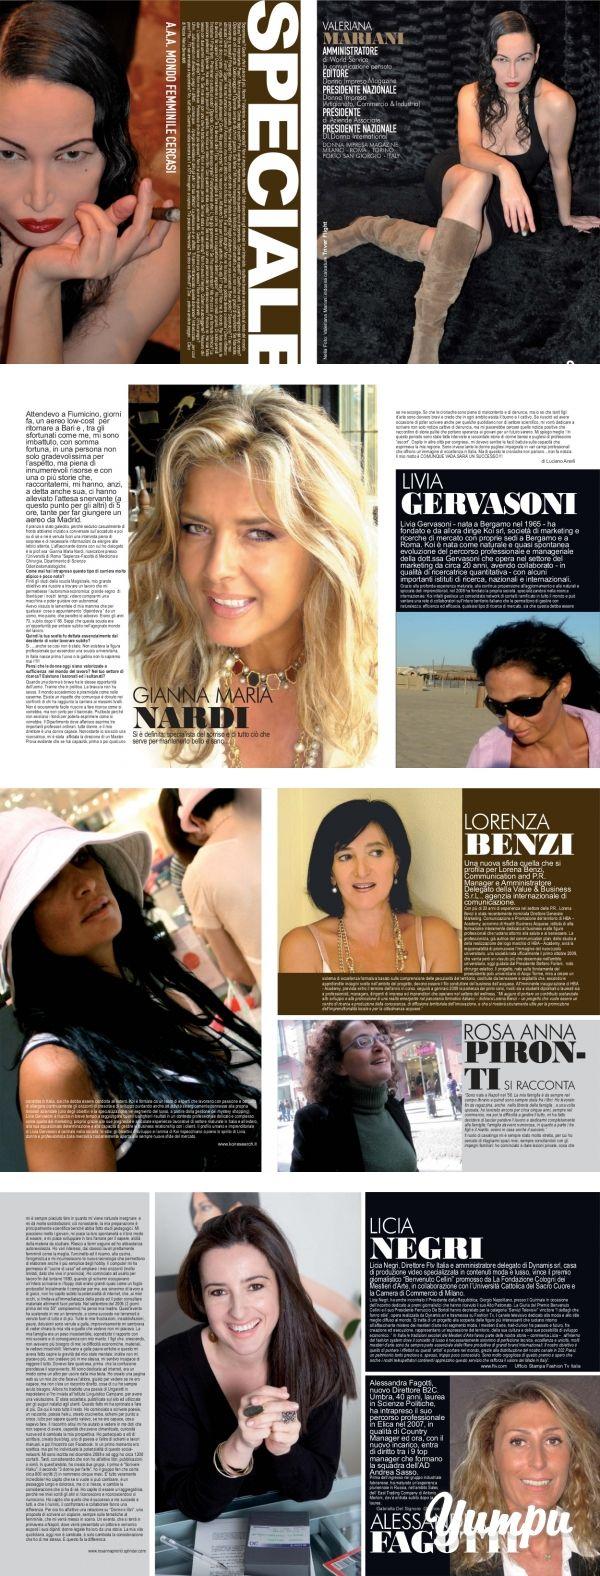 01 STORIA DI COPERTINA - SPEC... - Donna Impresa Magazine - Magazine with 5 pages: 01 STORIA DI COPERTINA - SPEC... - Donna Impresa Magazine